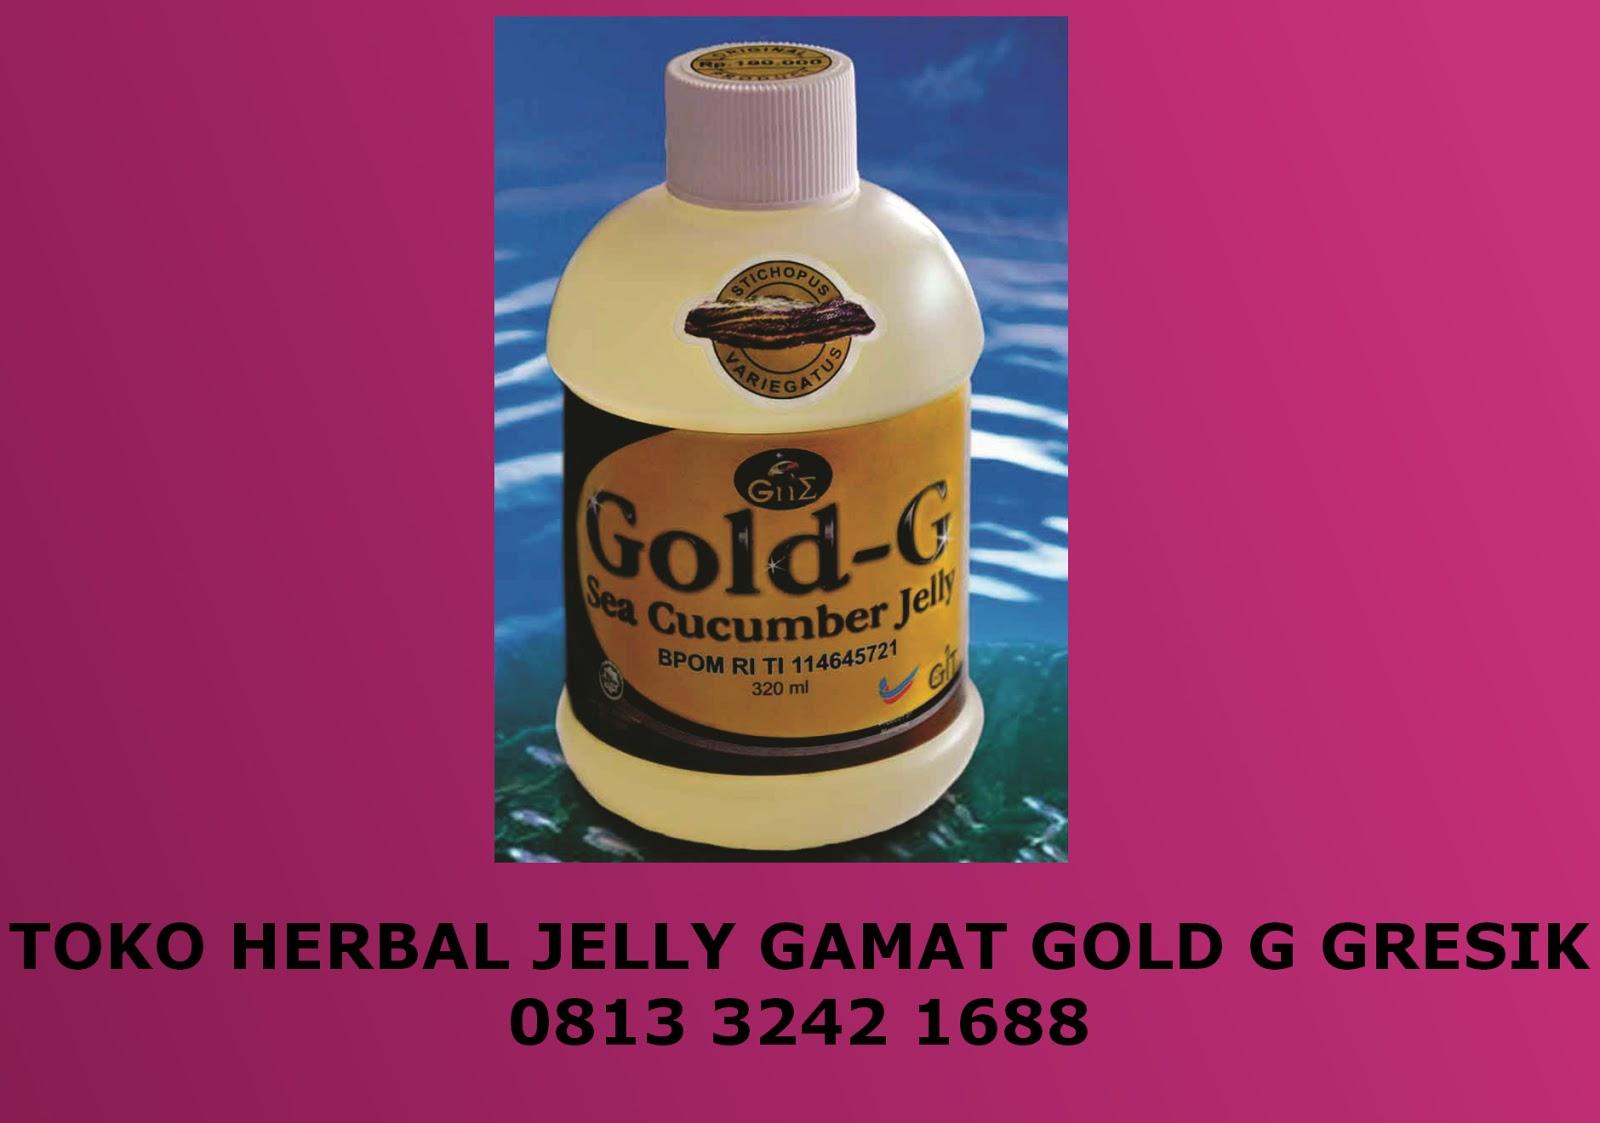 Toko Herbal Penjual Jelly Gamat Gold G Di Gresik 320 Ml